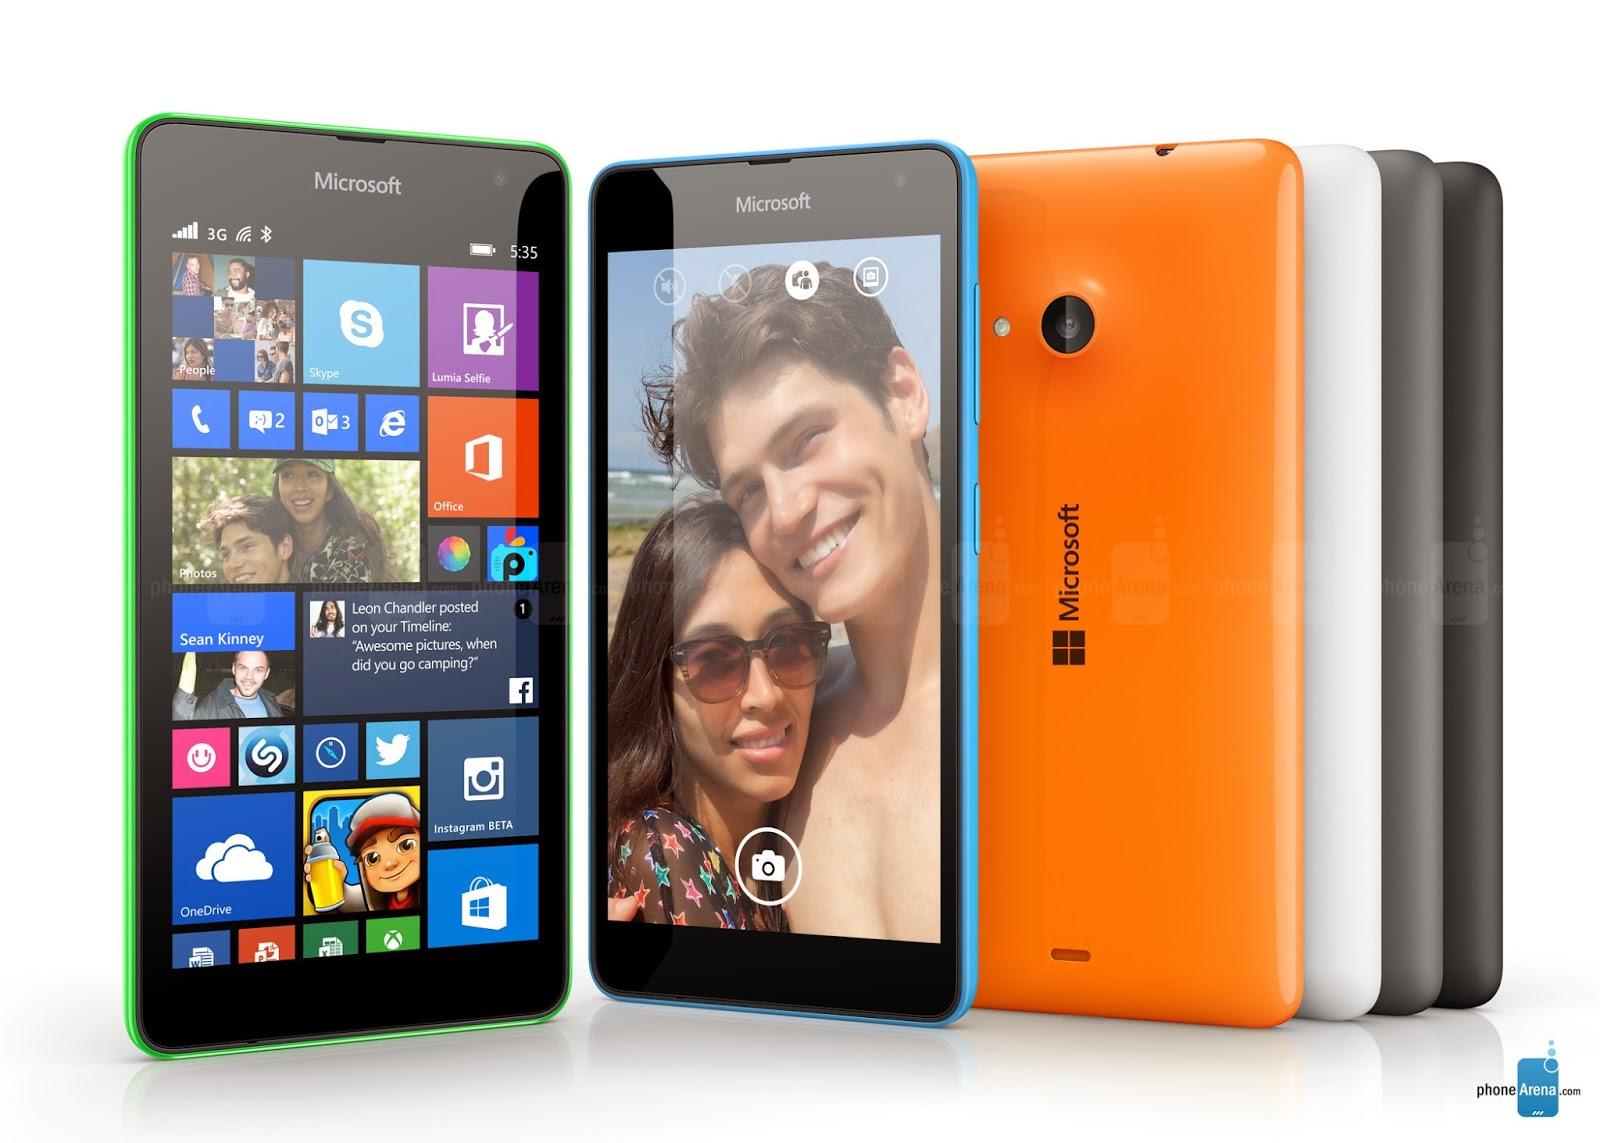 Nokia Lumiya 540: incelemeler. Microsoft Lumiya 540 akıllı telefonu almaya değer mi